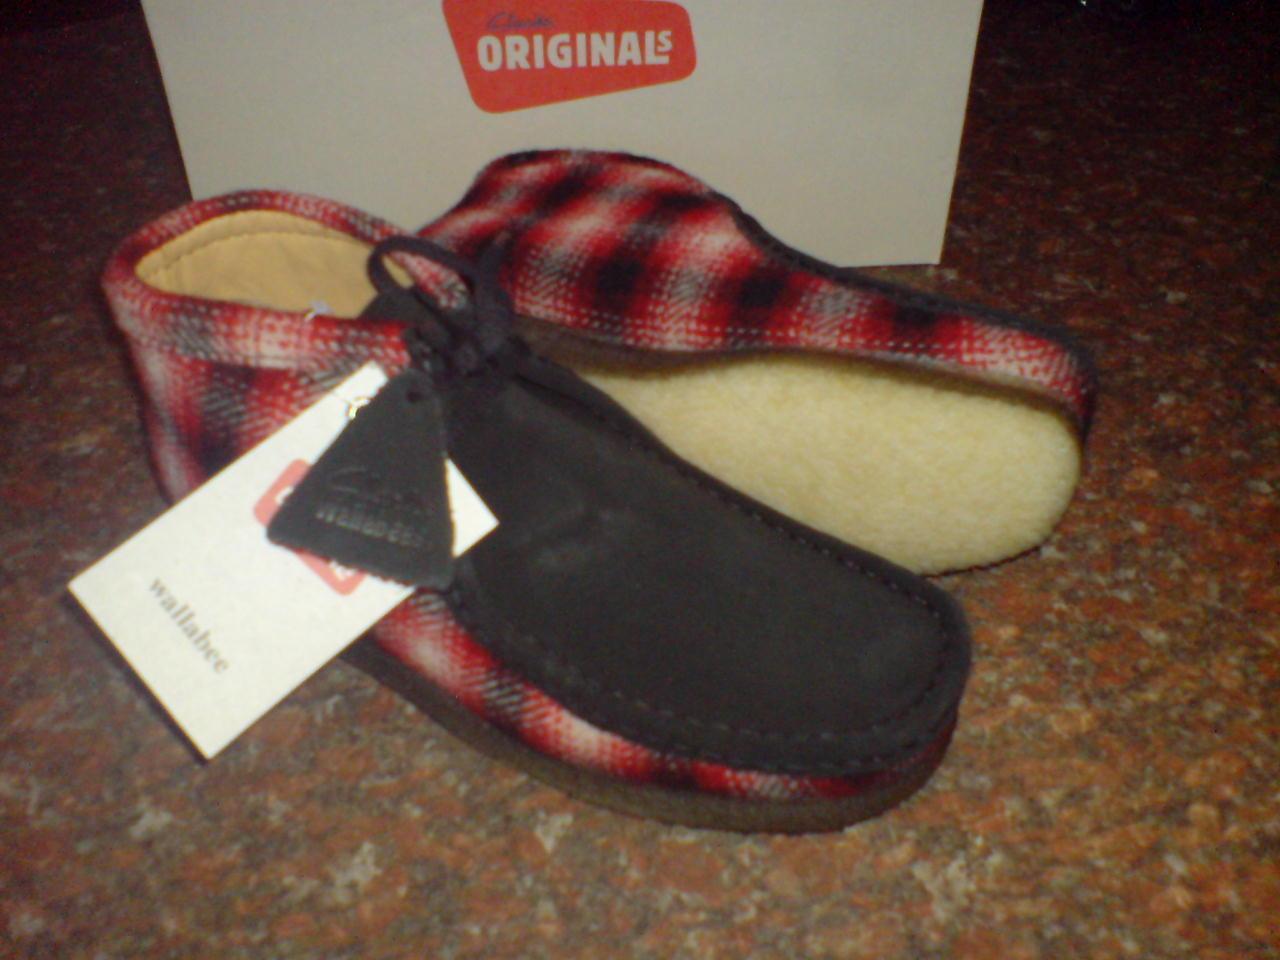 Clarks Originals Men  WALLABEES  BOOT  RED COMBI  UK 6,7,8,9,10,11,12,13 G